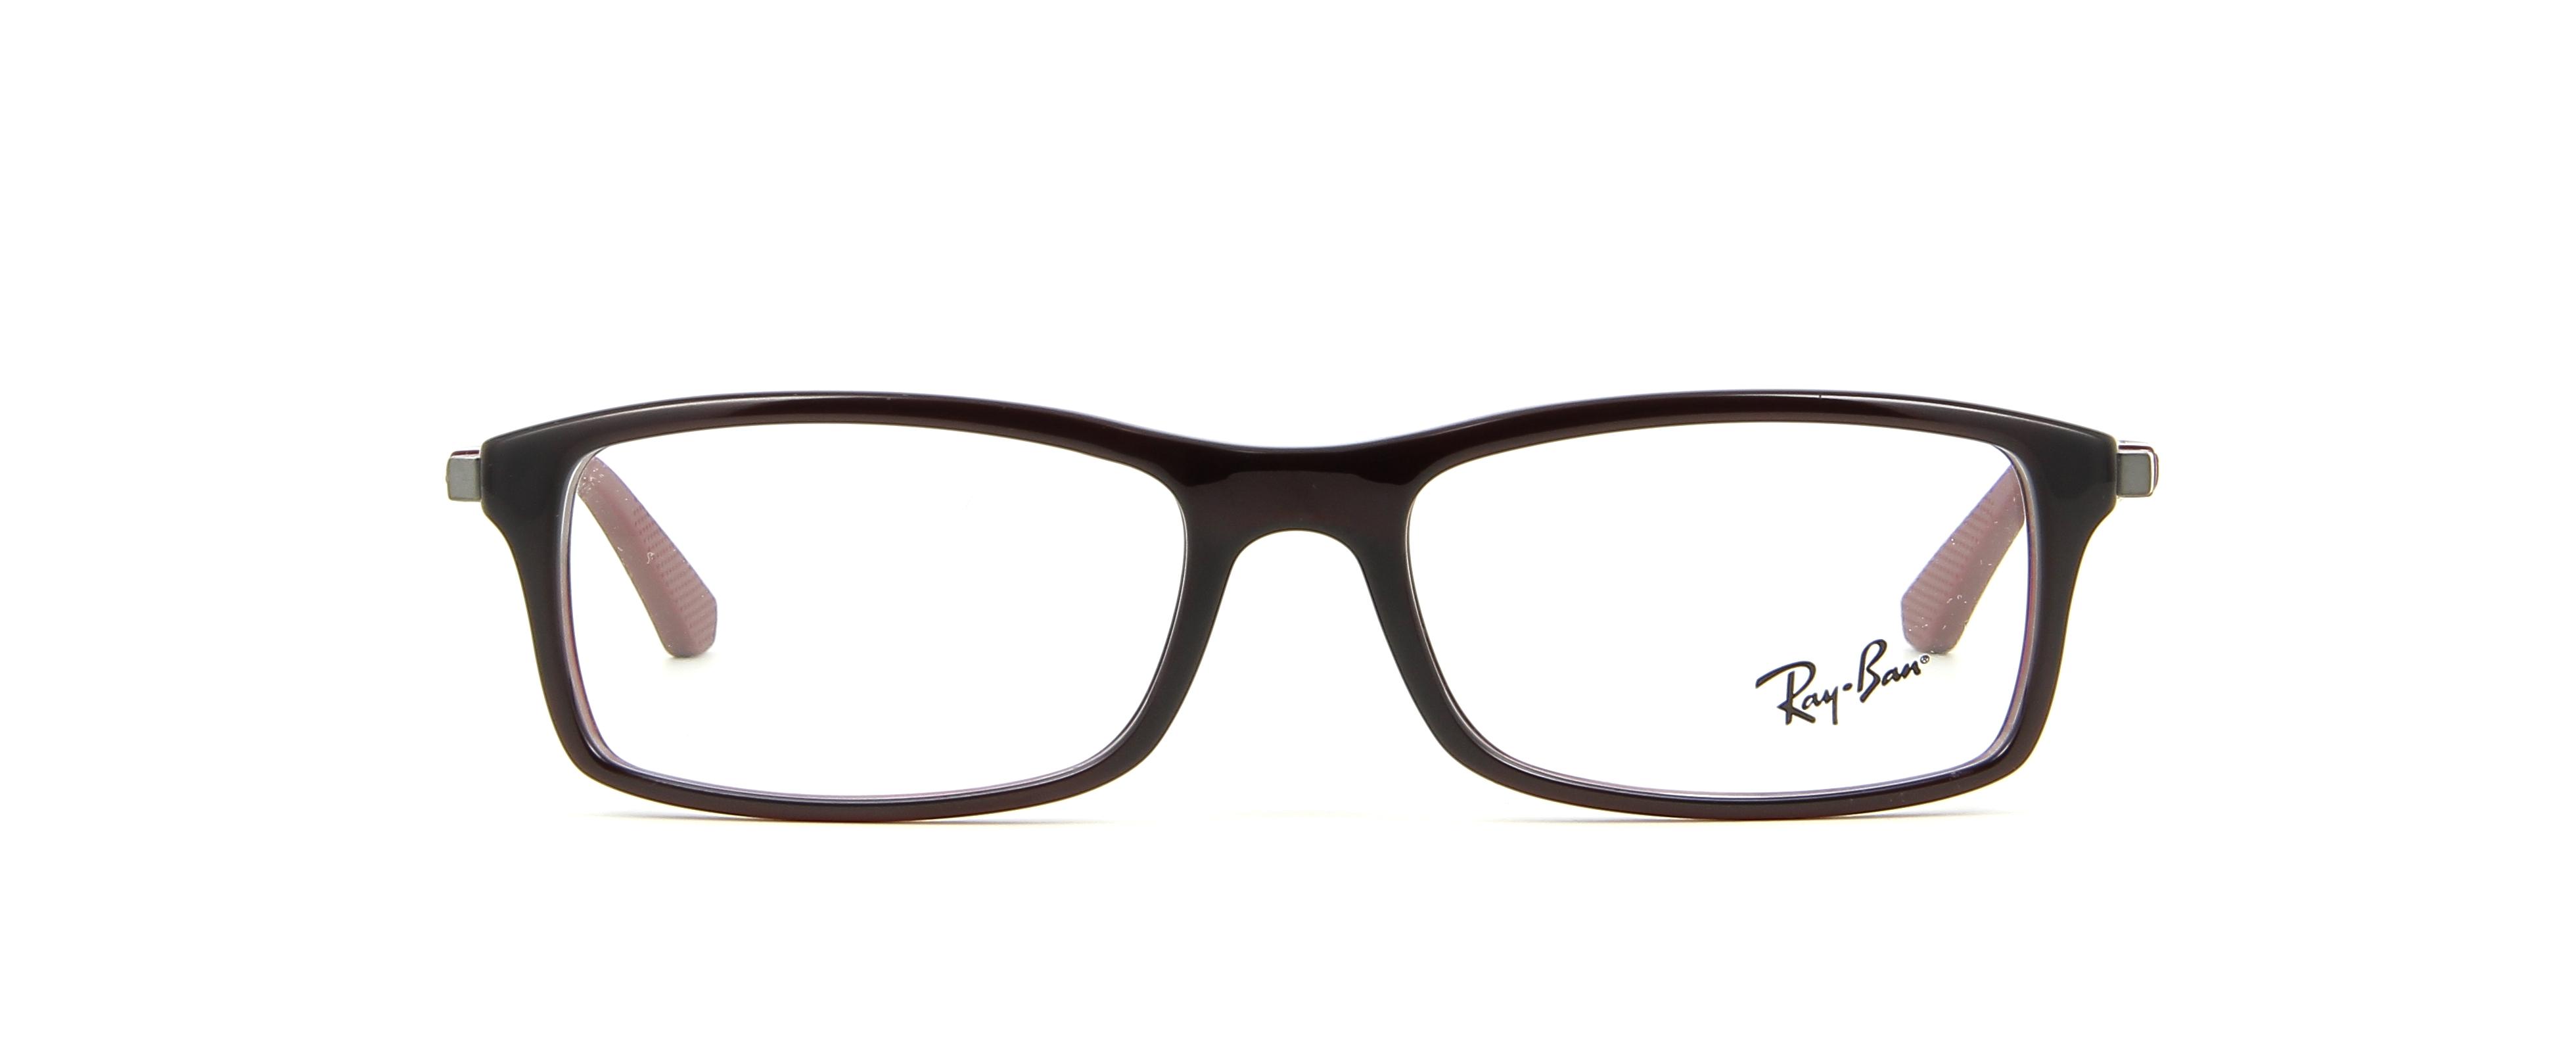 598f7a5697 Ray Ban Glasses Rx 7017 « Heritage Malta